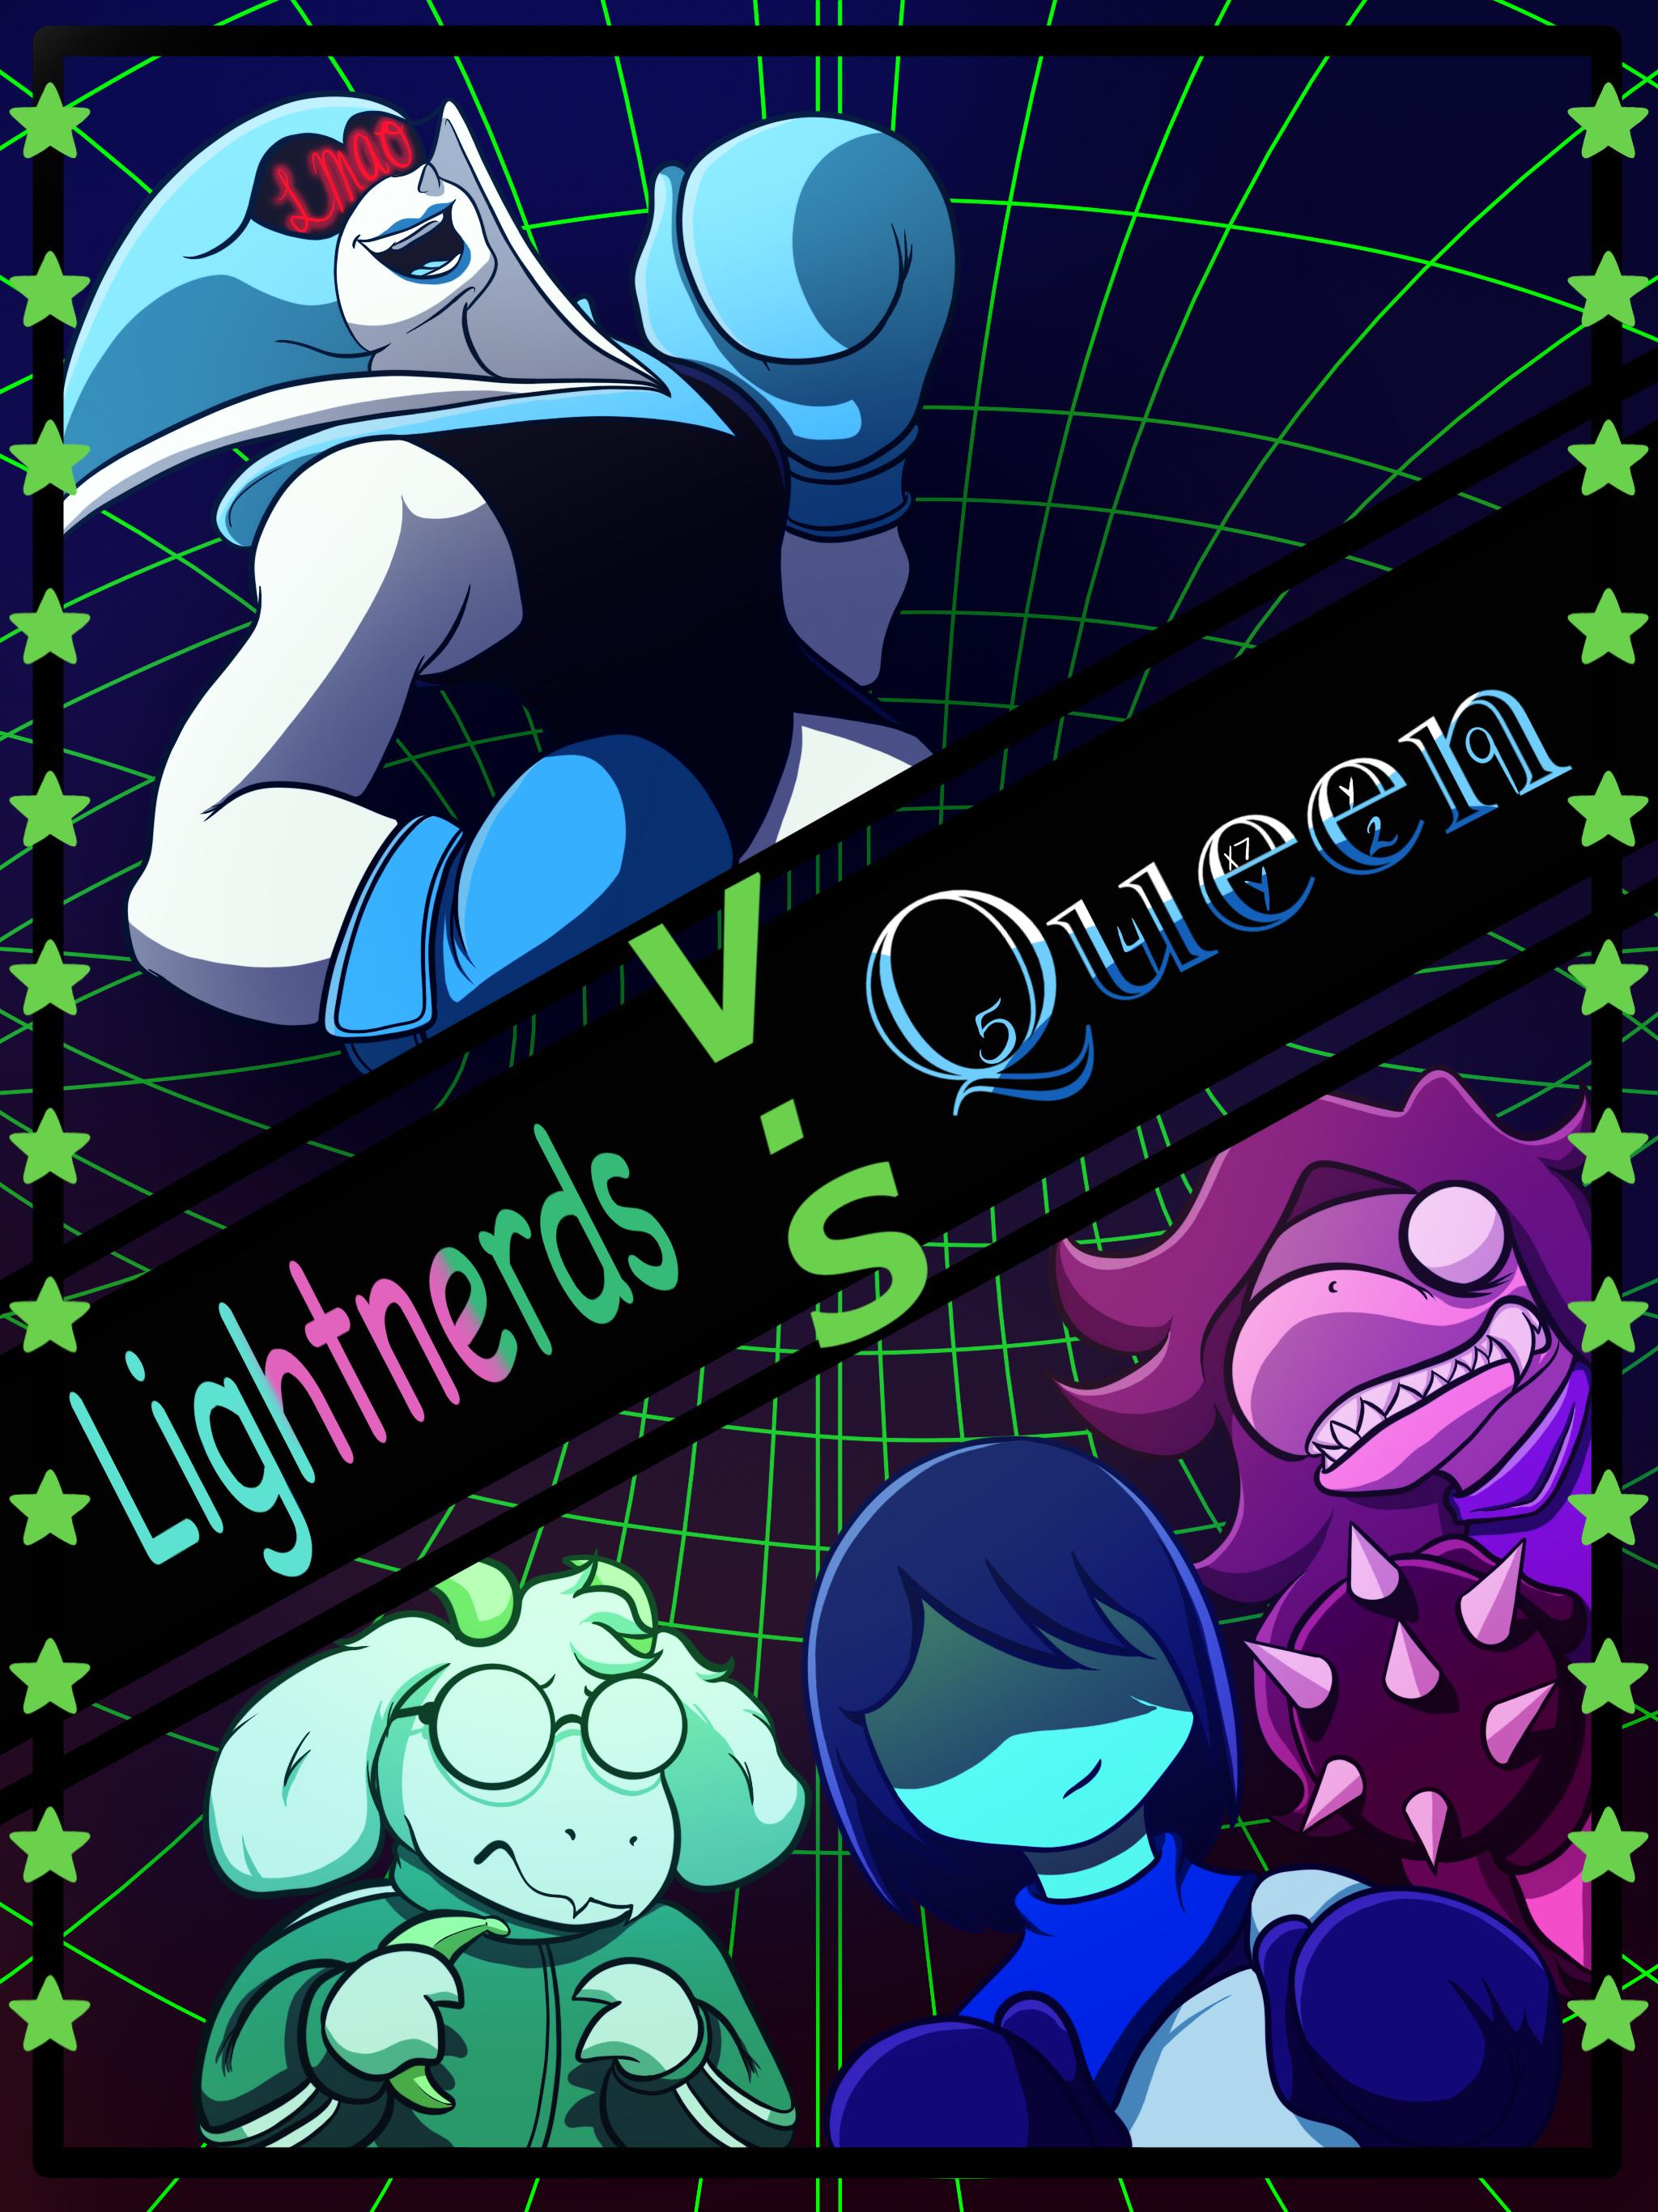 Lightnerds V.S Queen